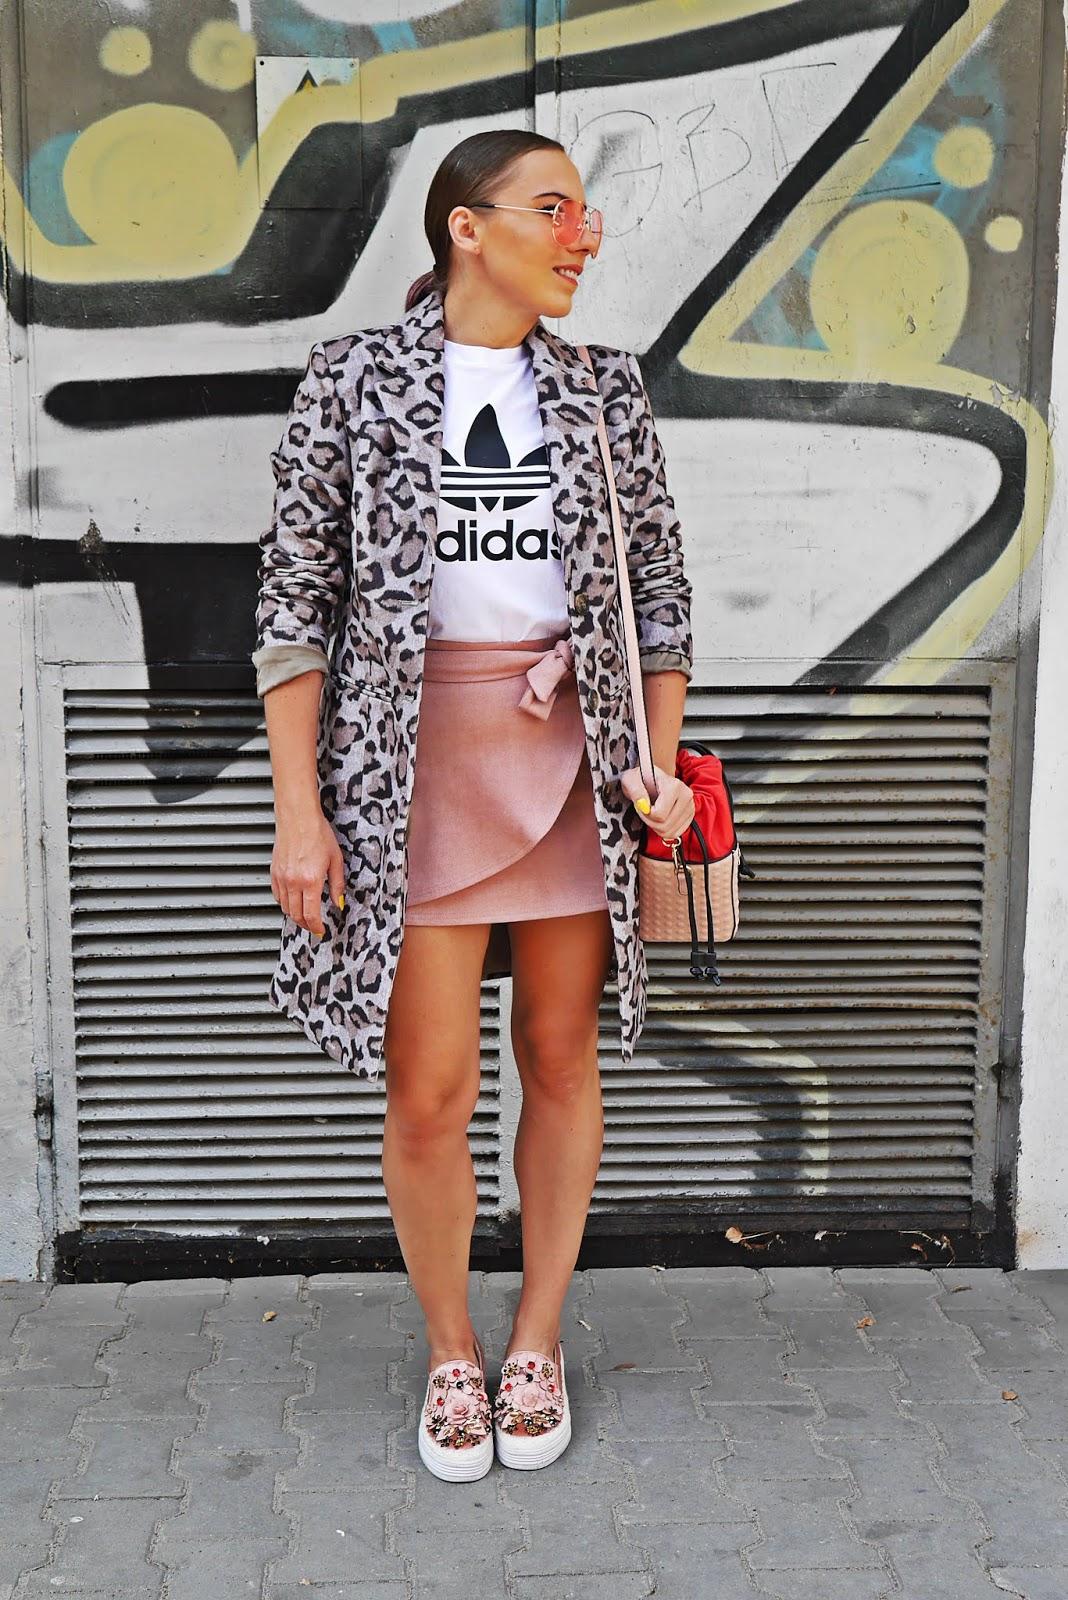 różowa spódnica biały t-shirt adidas szary płaszcz w panterkę karyn blog modowy